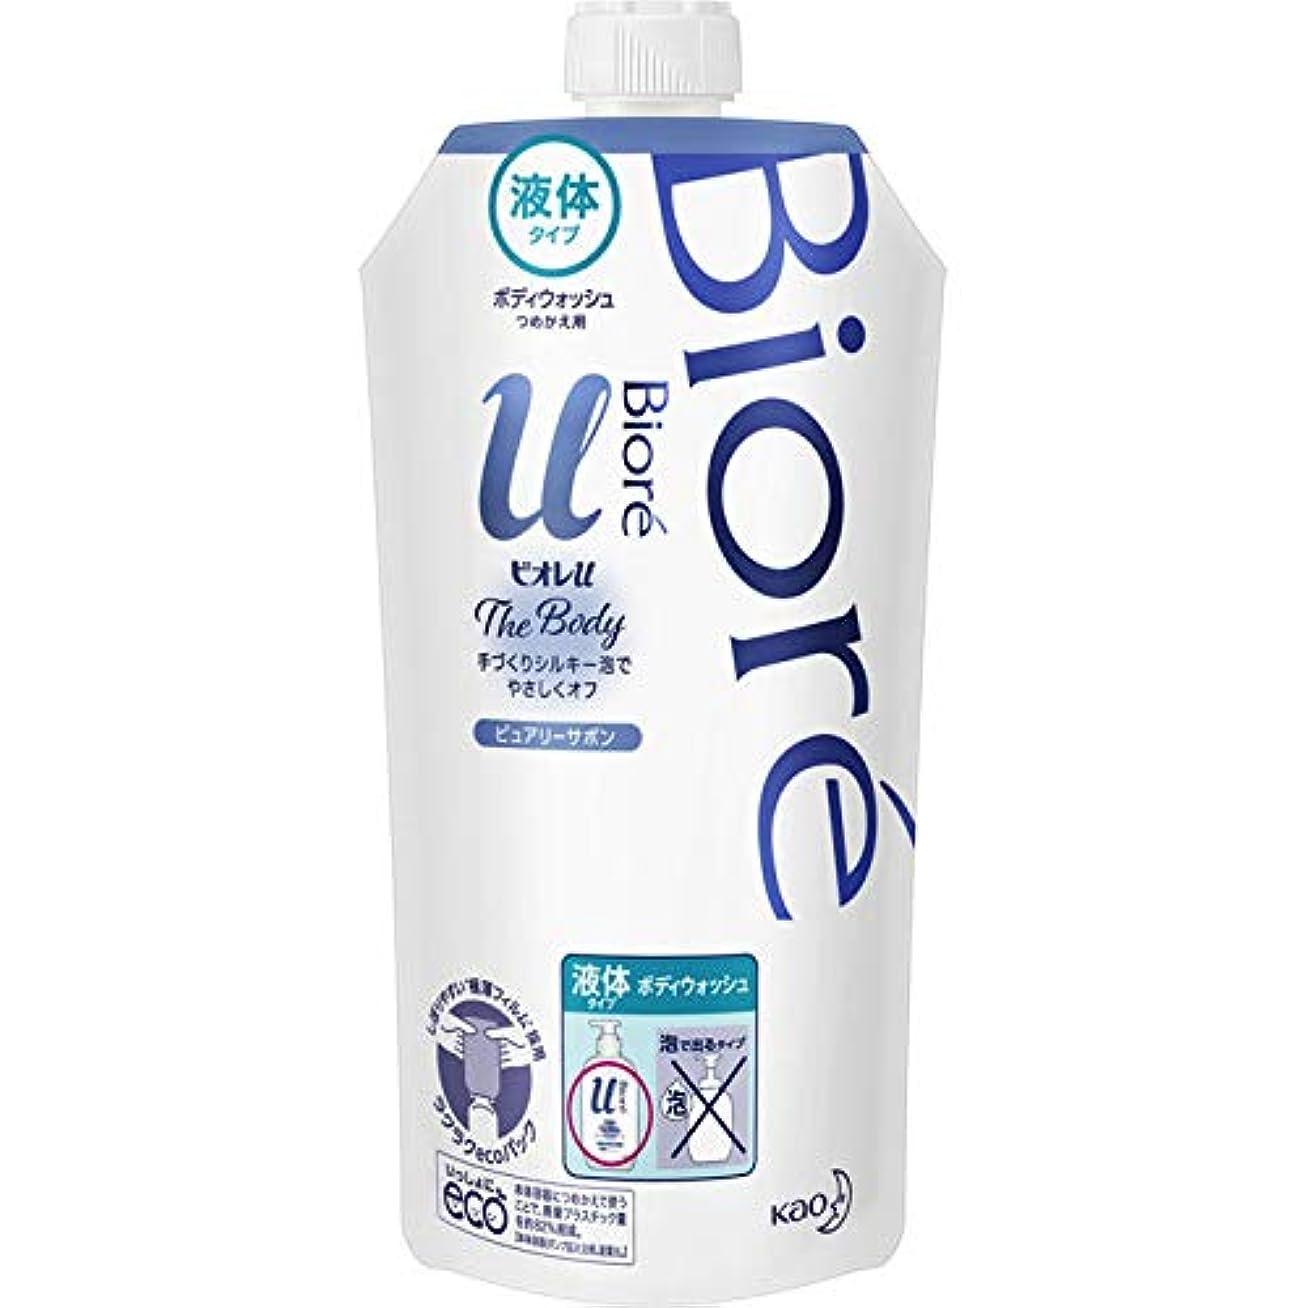 並外れたシャーロットブロンテ予想する花王 ビオレu ザ ボディ液体ピュアリーサボンの香り 詰替え用 340ml